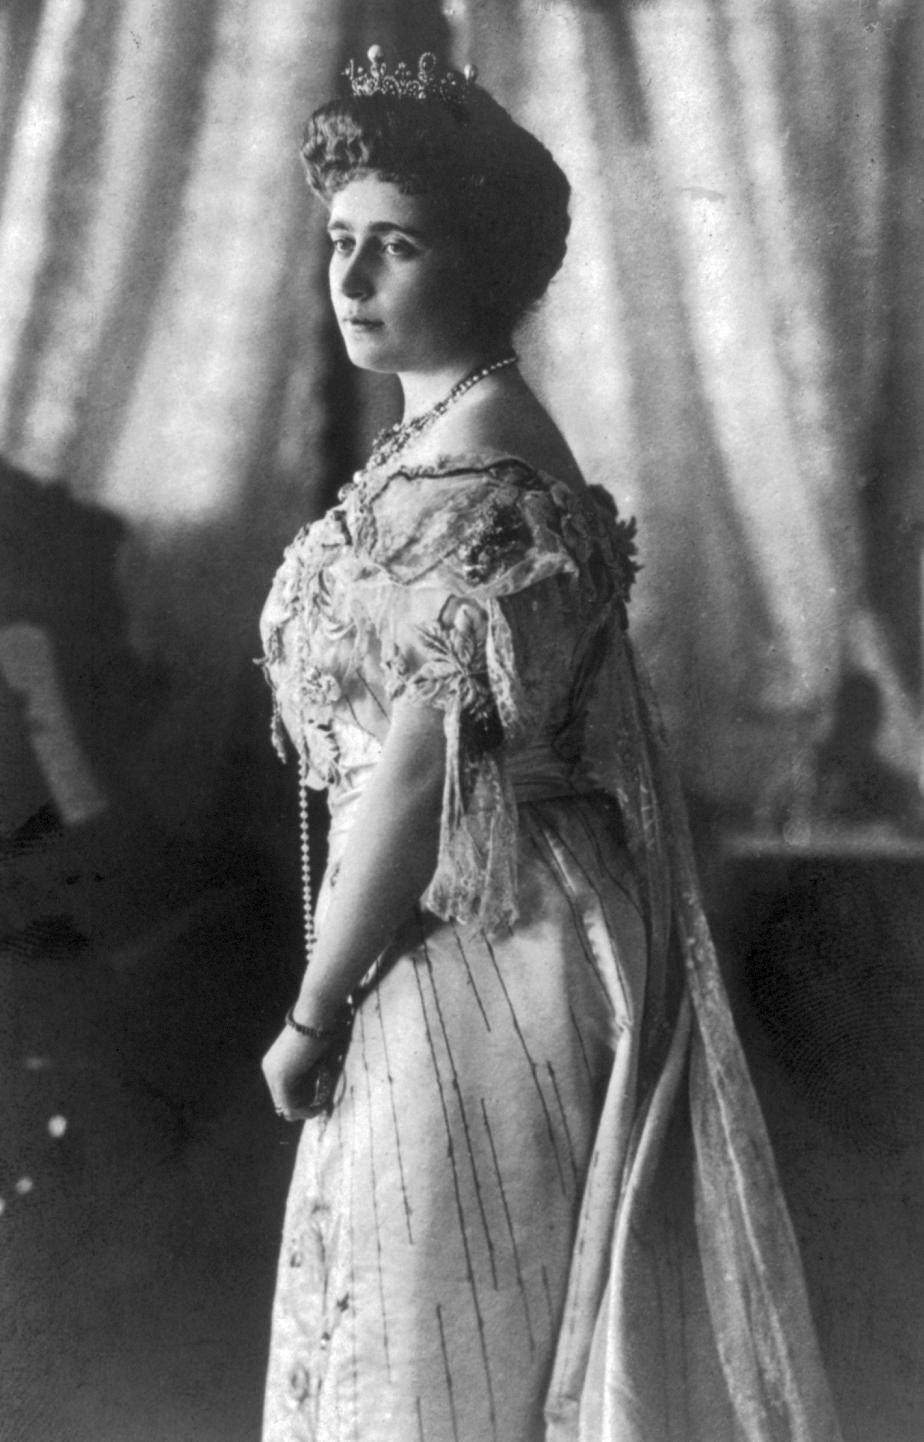 Duchess Jutta of Mecklenburg-Strelitz - Wikipedia